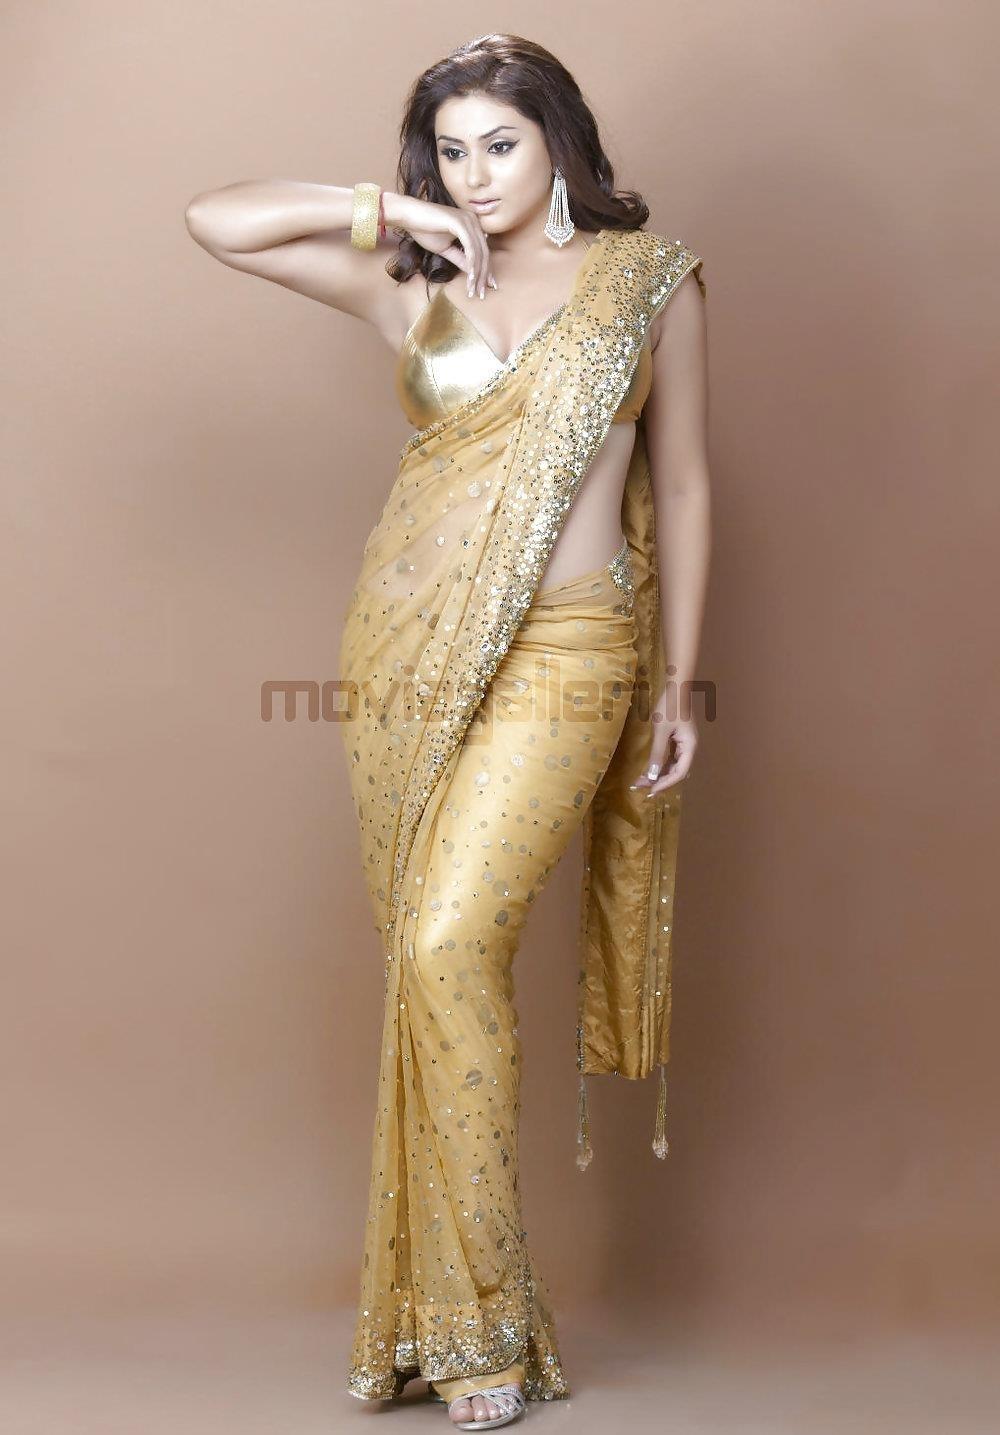 Namita sexy photos-2630